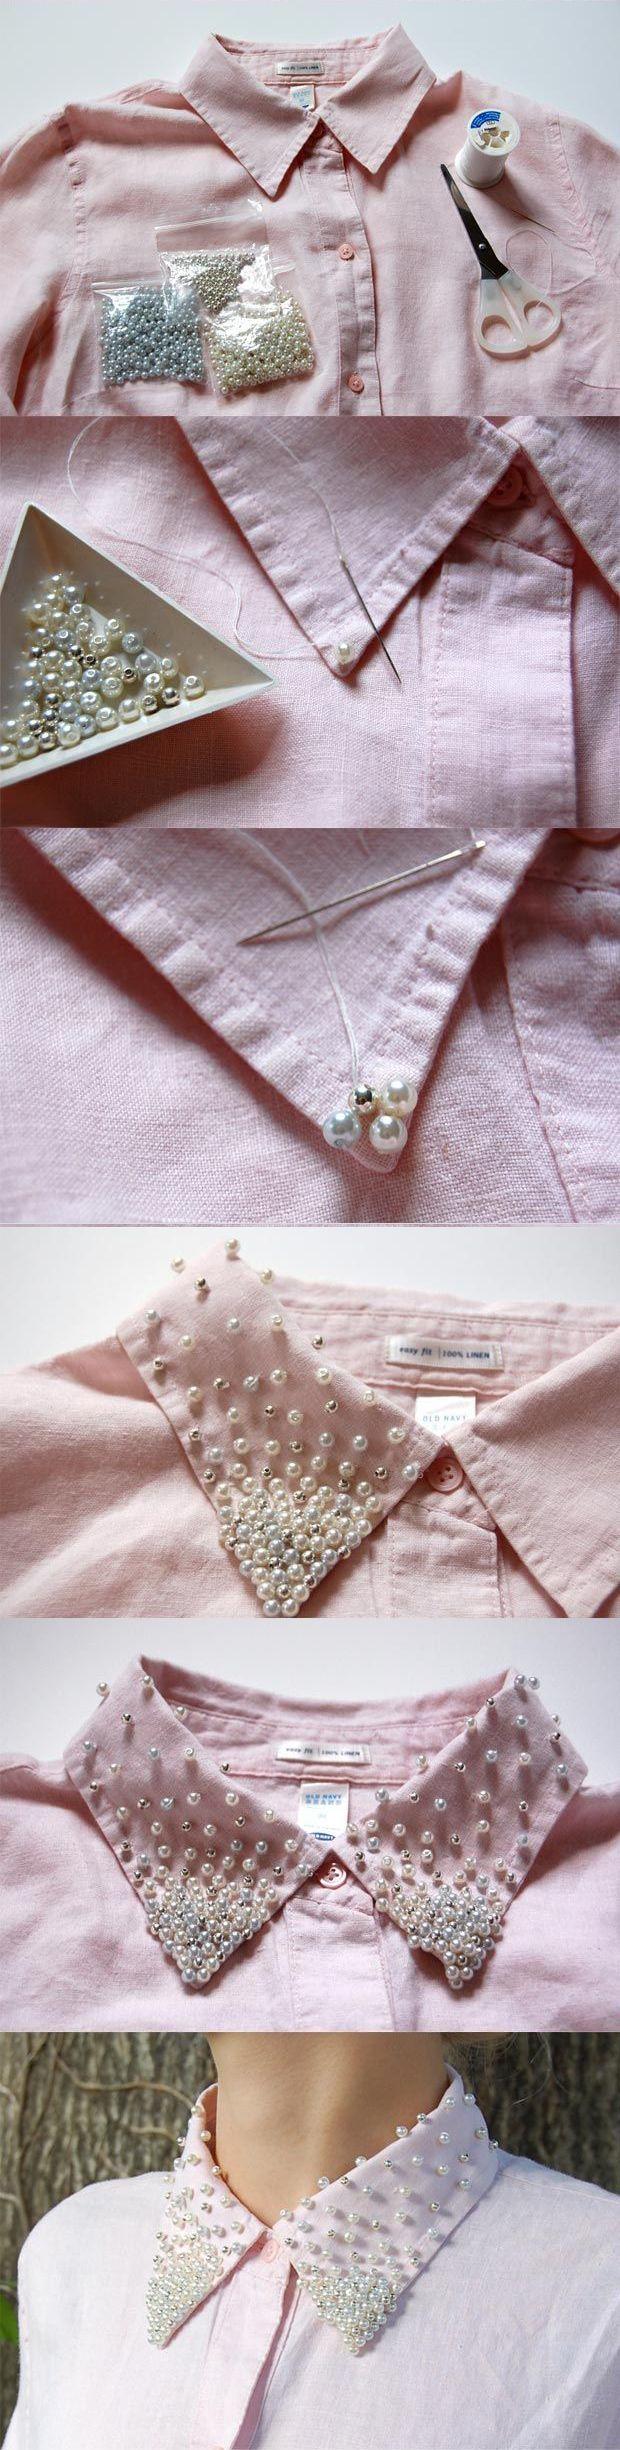 Muy buena idea para renobar camisas viejas                              …